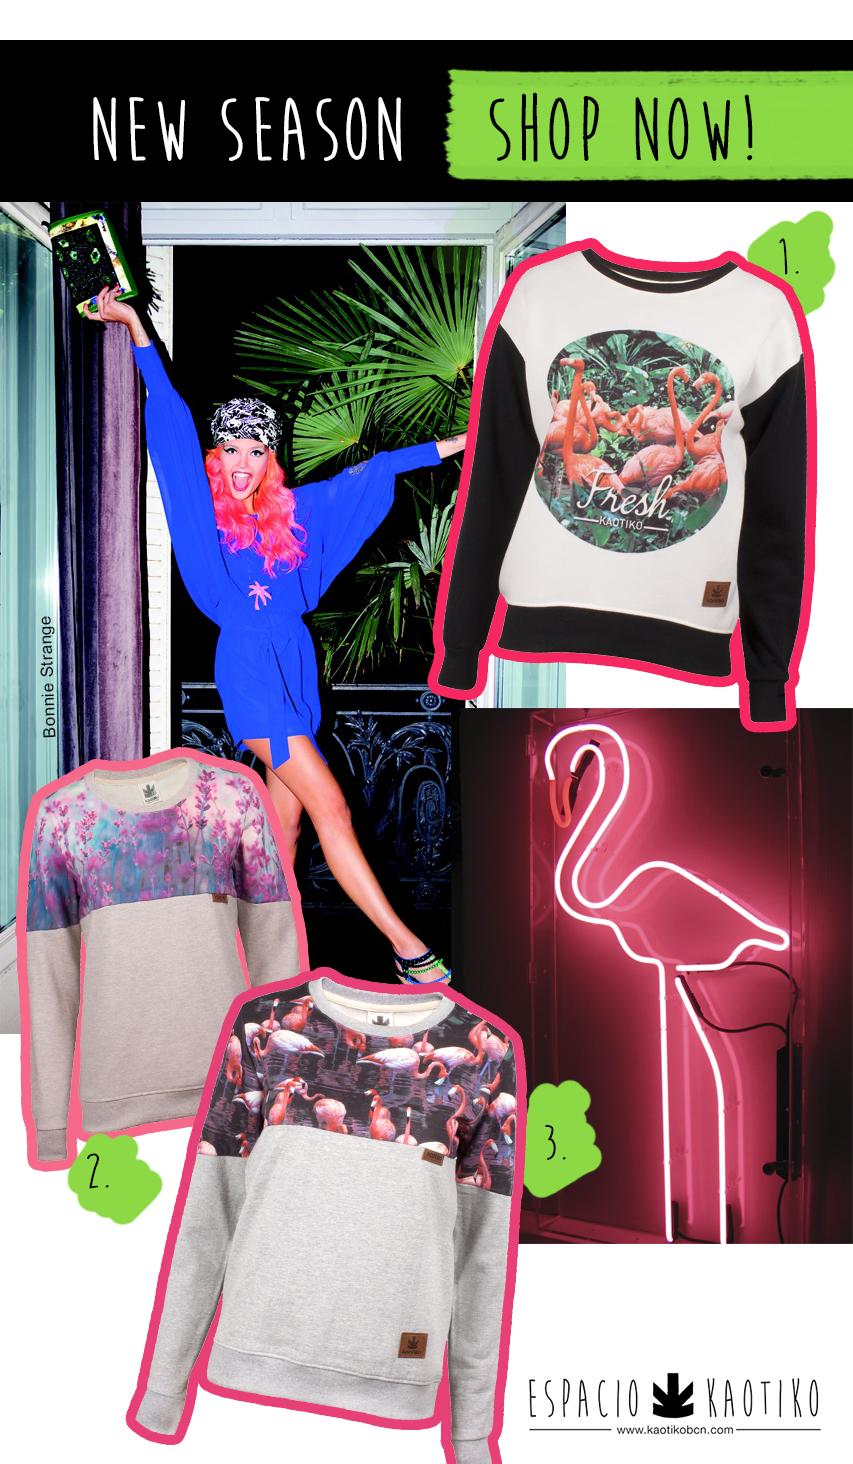 New Season Flamingos Blog Kaotiko Street Style